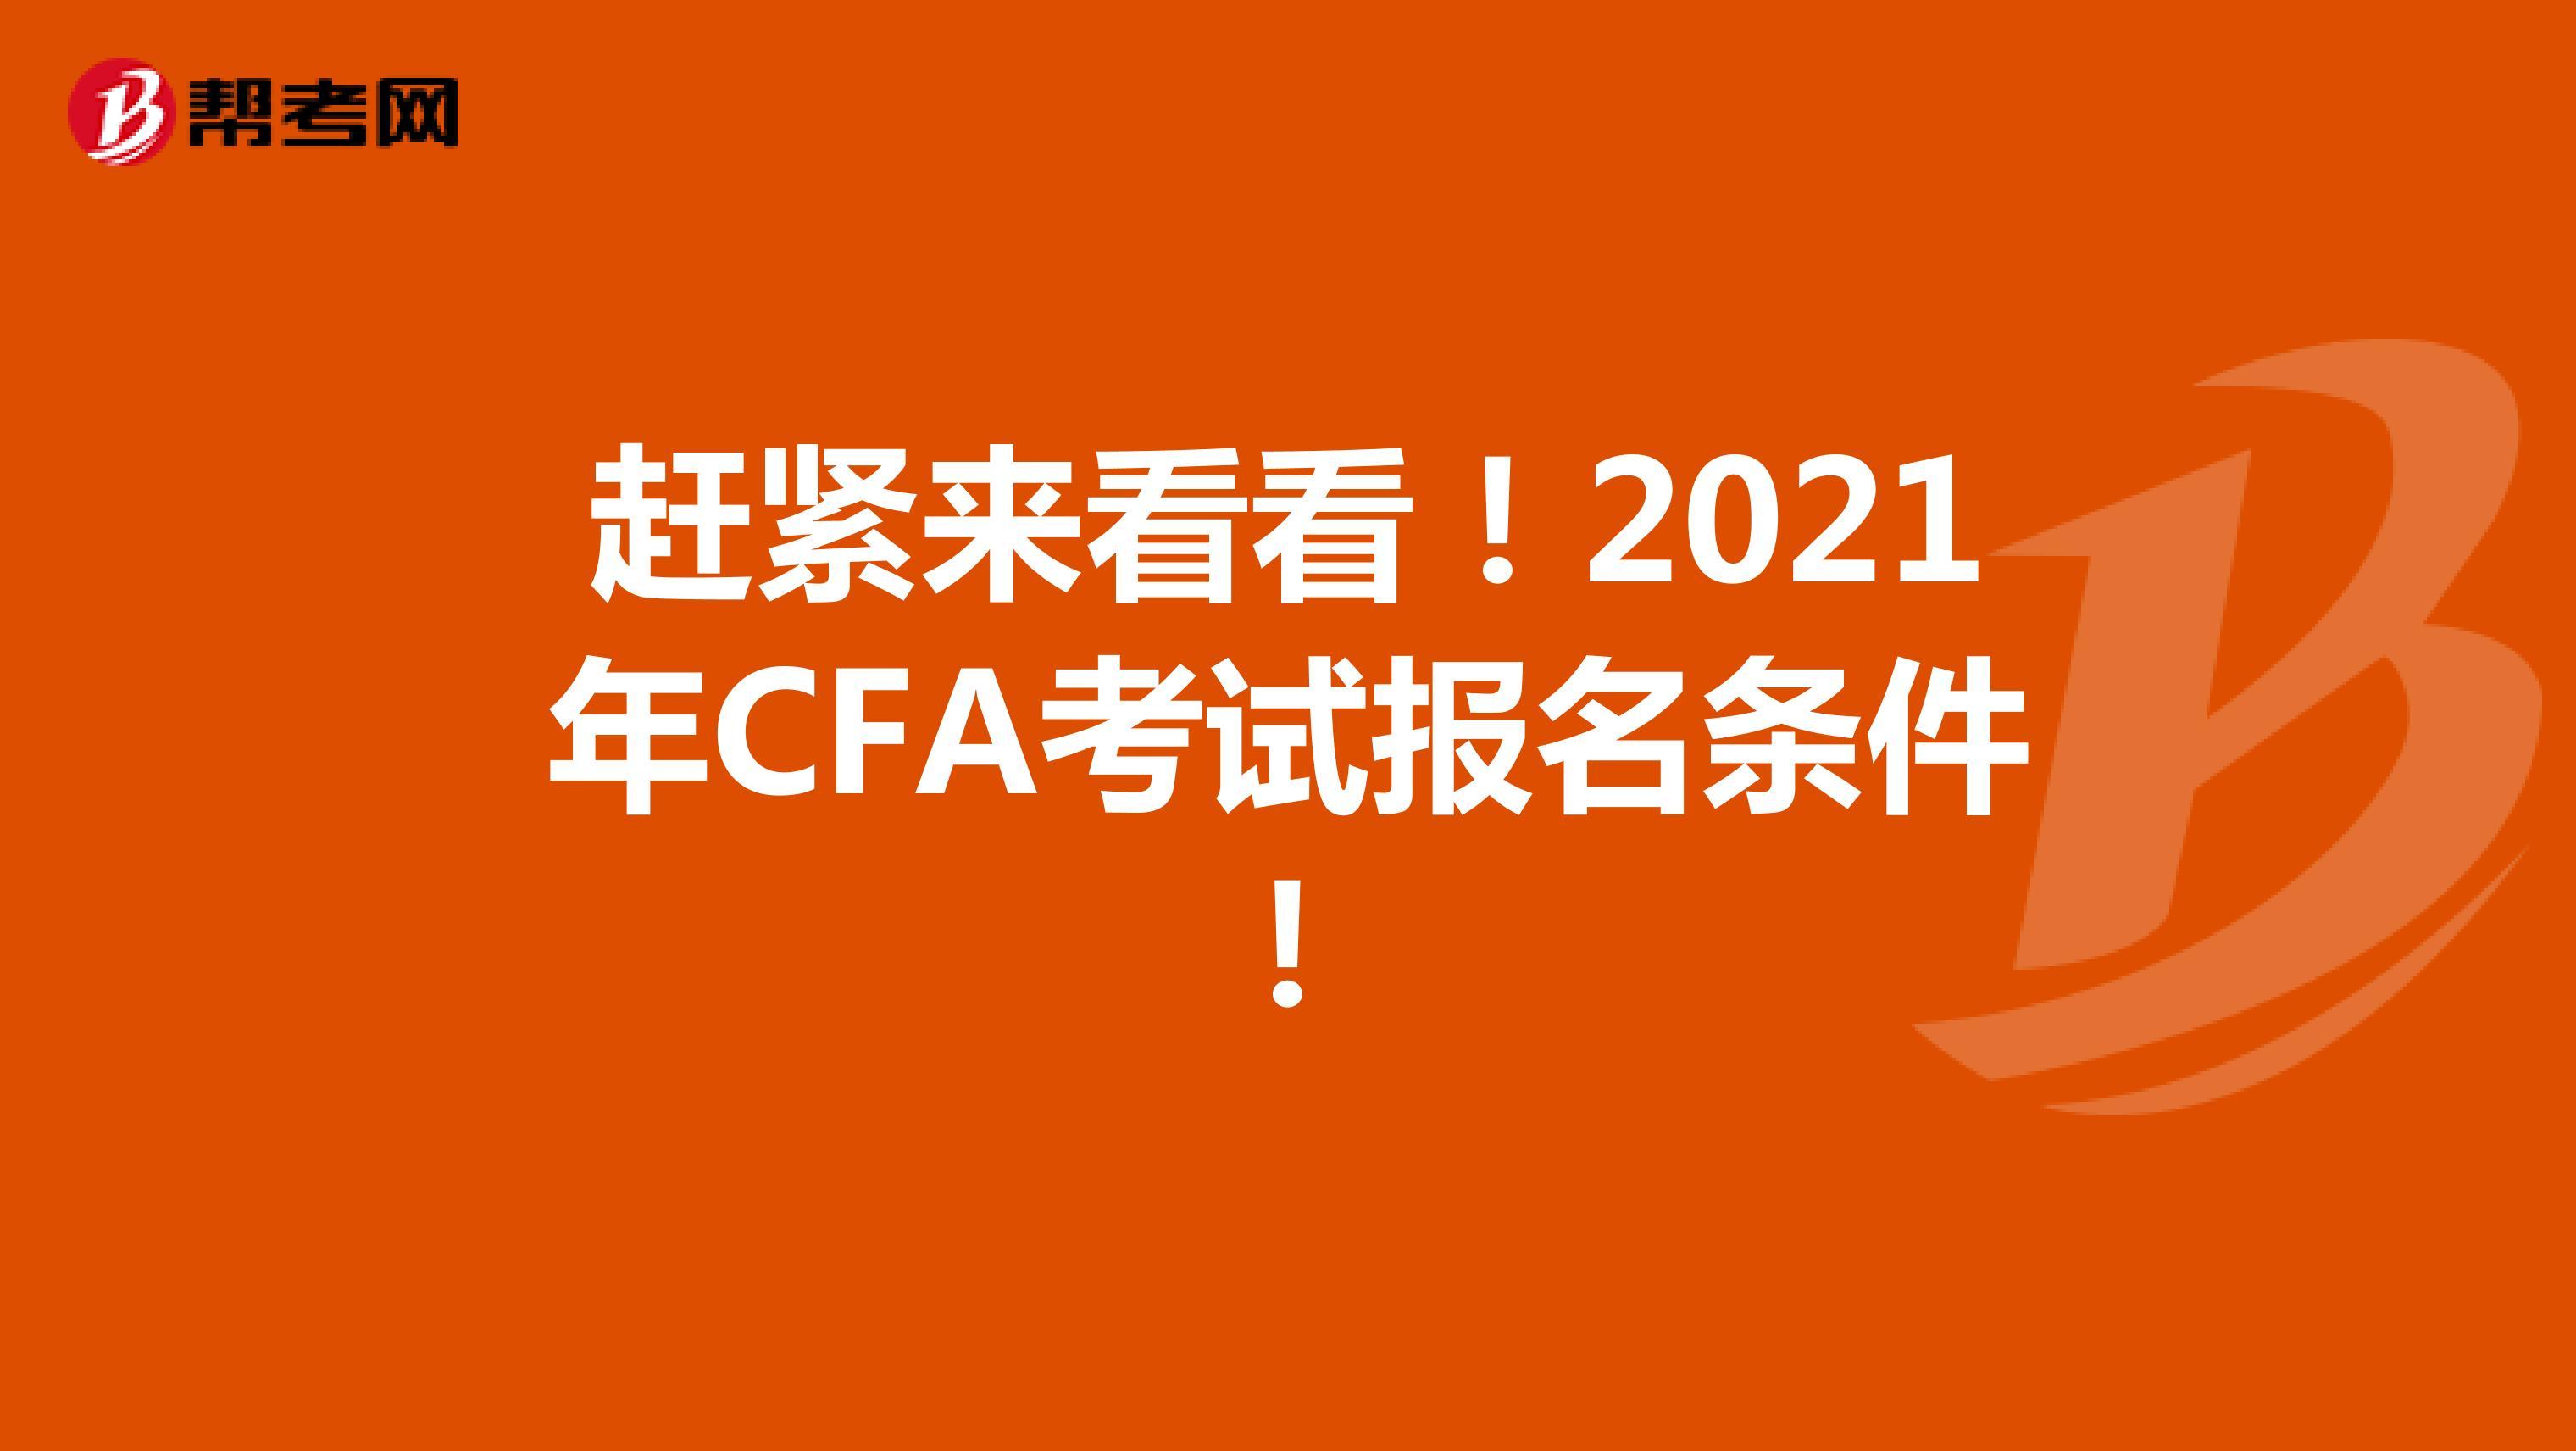 赶紧来看看!2021年CFA考试报名条件!